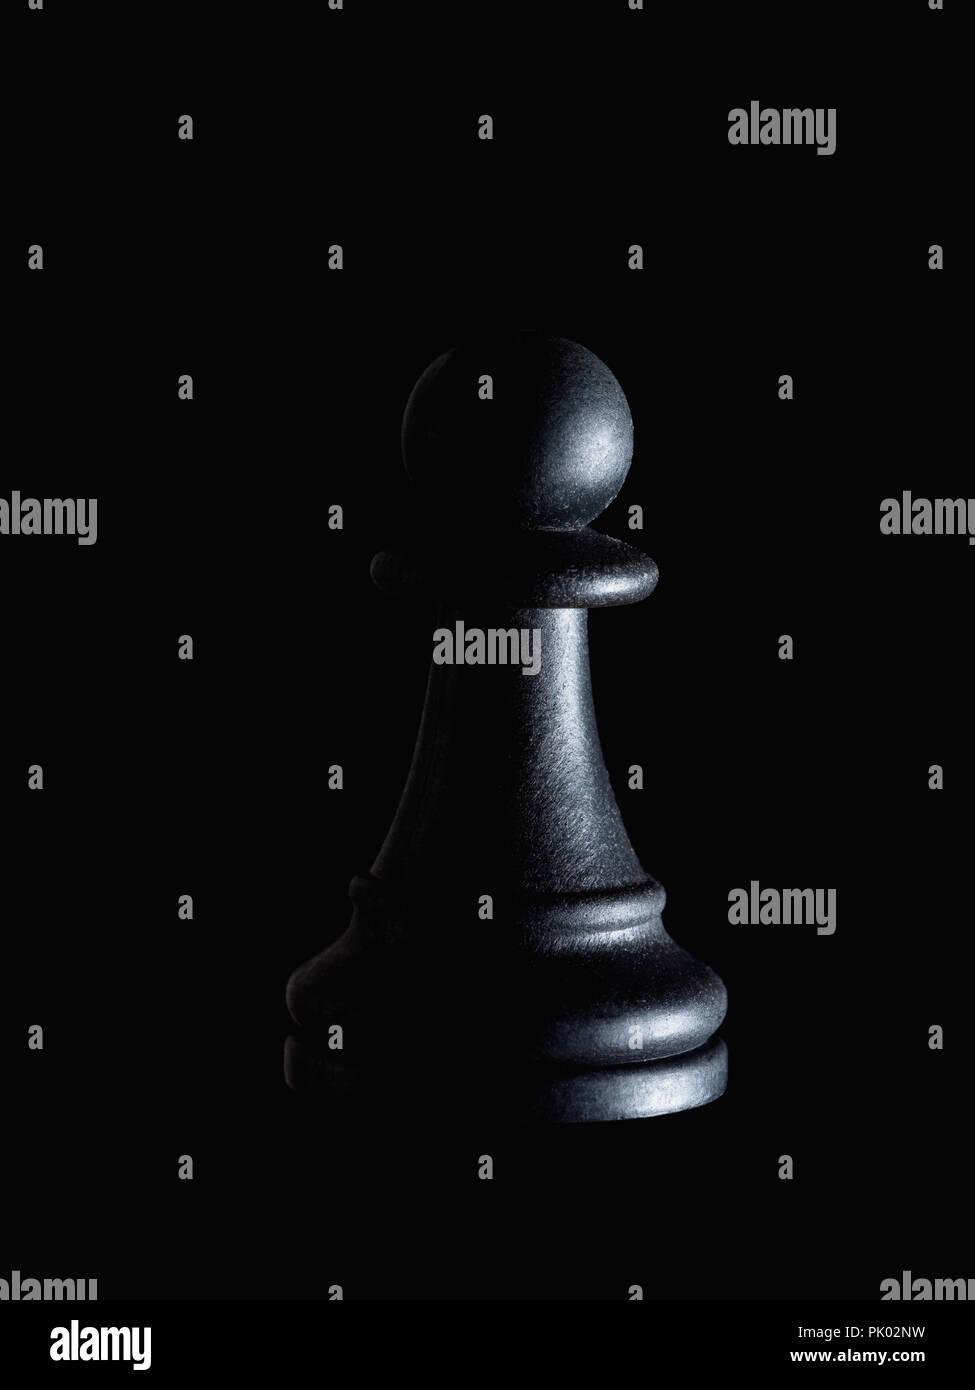 Sola pieza de ajedrez Peón negro sobre negro, una iluminación espectacular. La manipulación, la impotencia, el concepto de víctima ocultos. Imagen De Stock